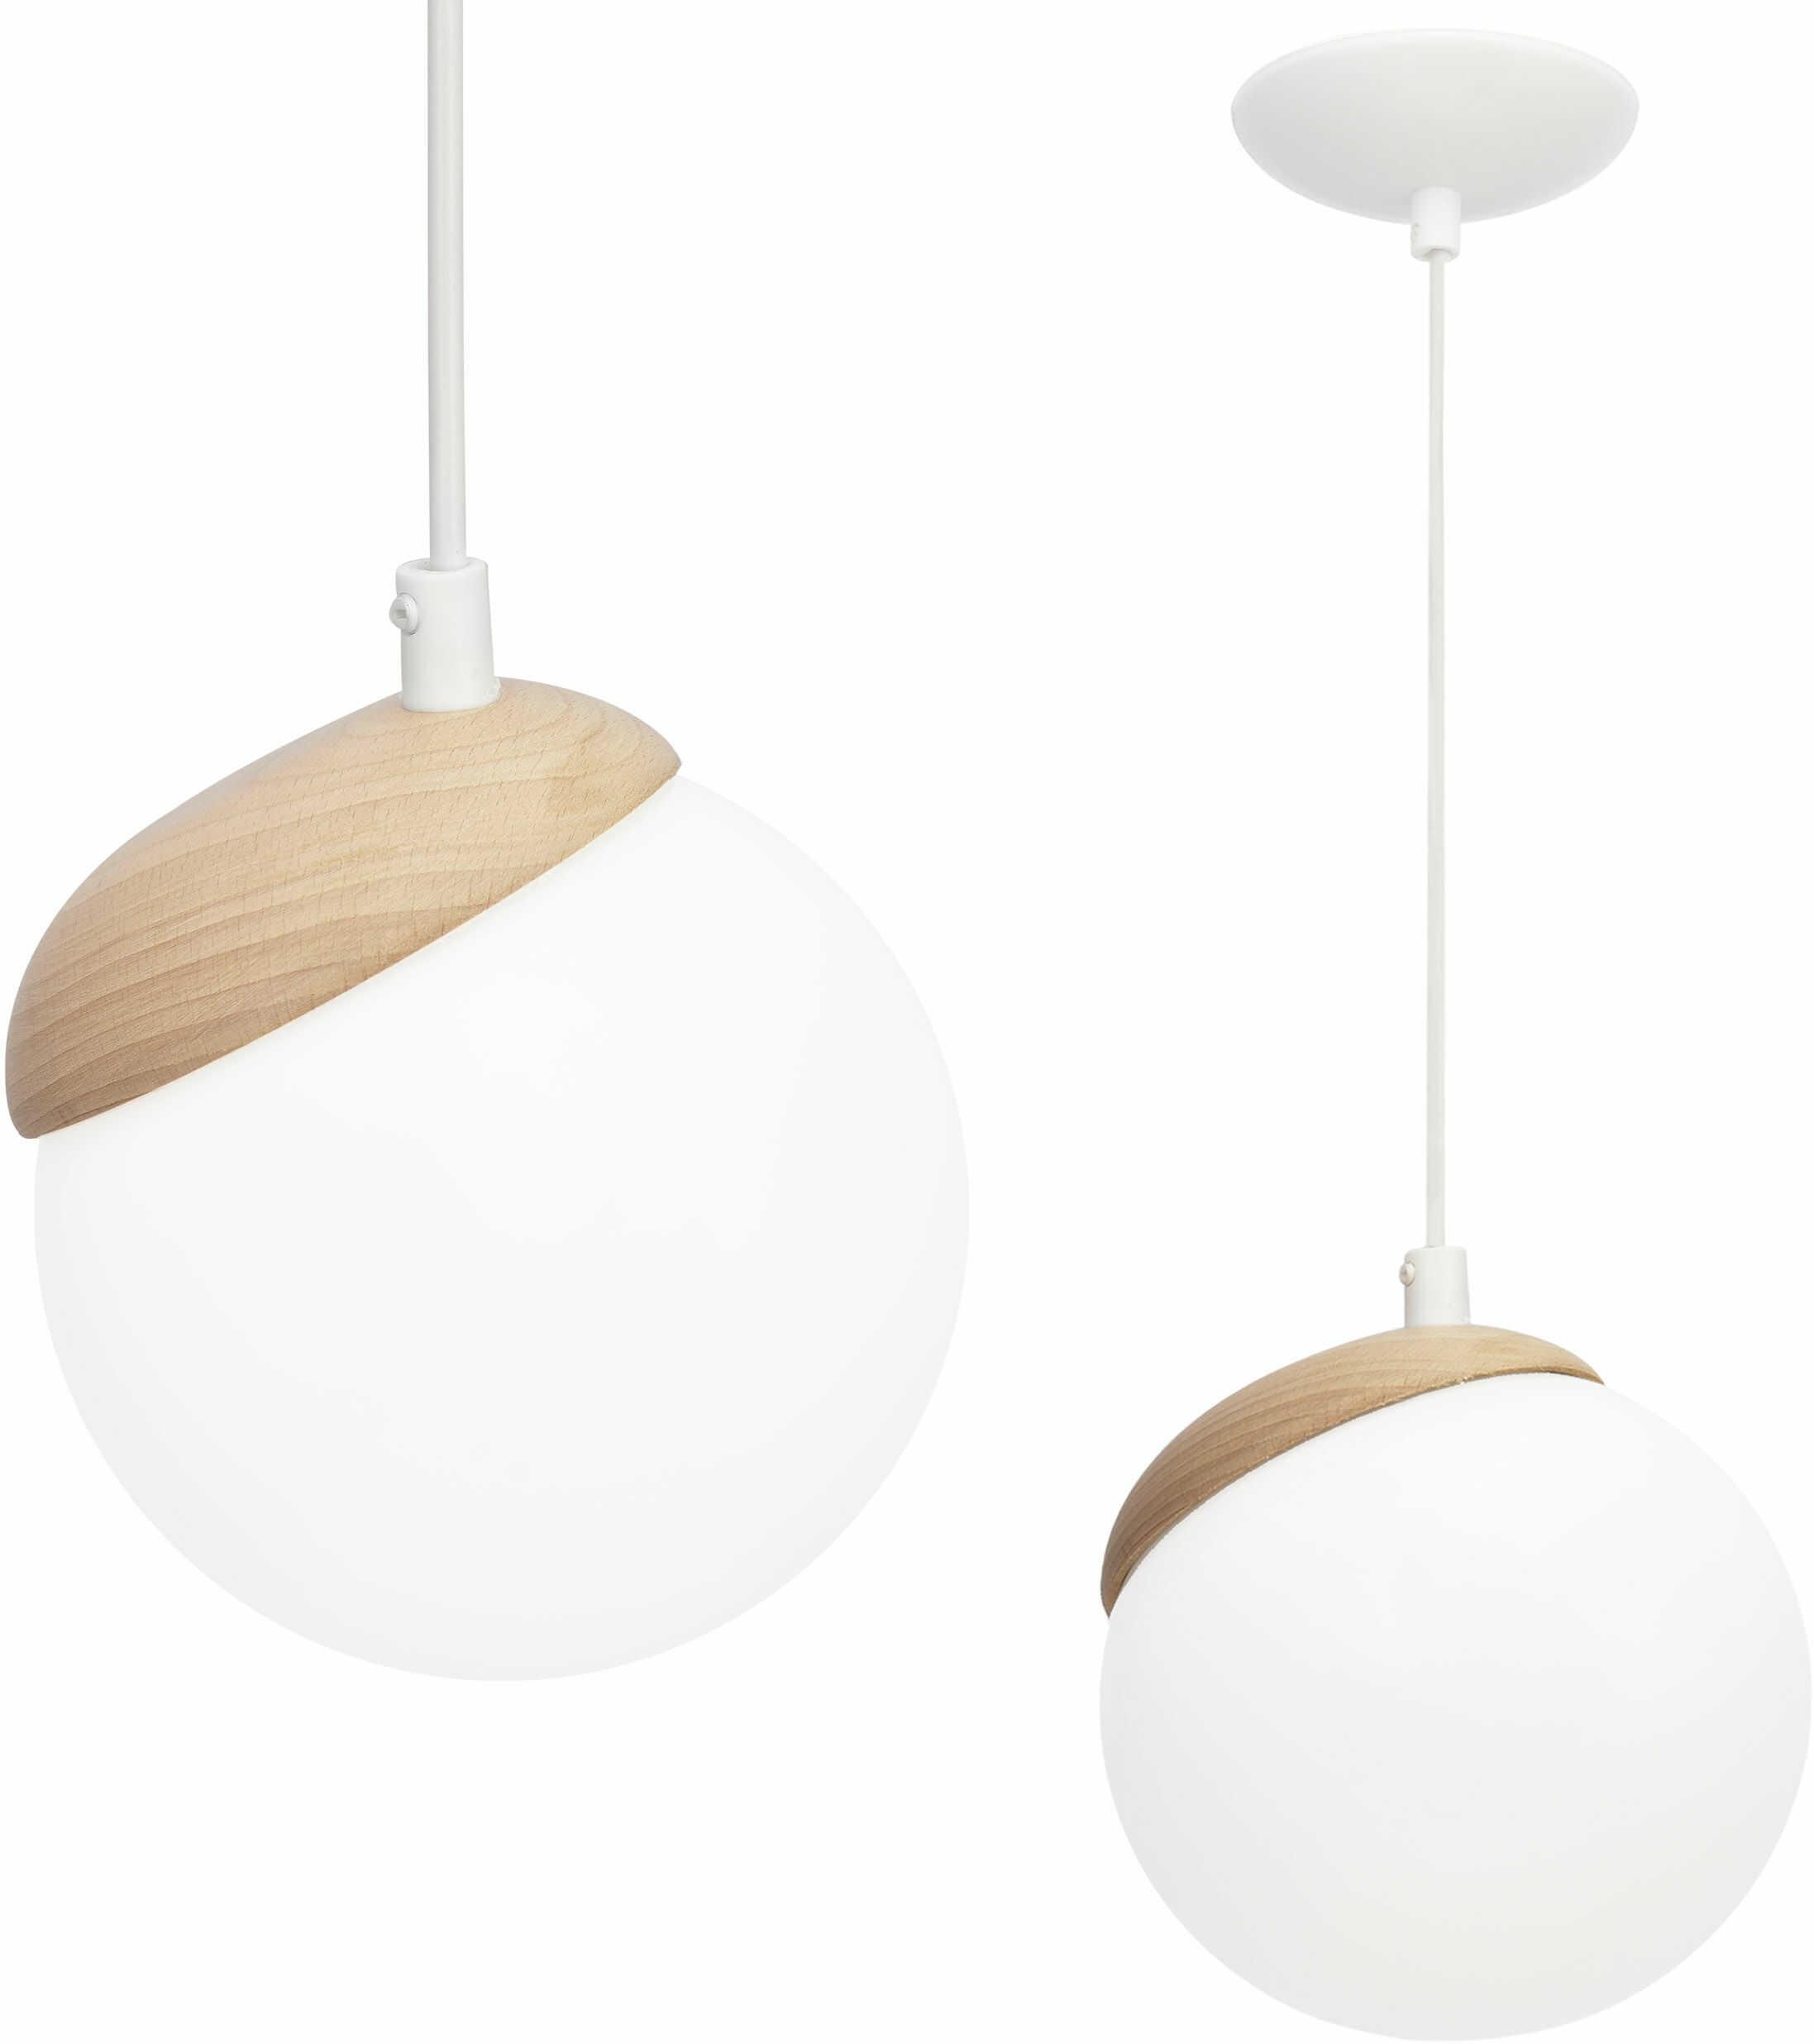 Milagro SFERA WOOD MLP5424 lampa wisząca kulisty klosz drewno regulacja wysokości biały 1xE14 14cm